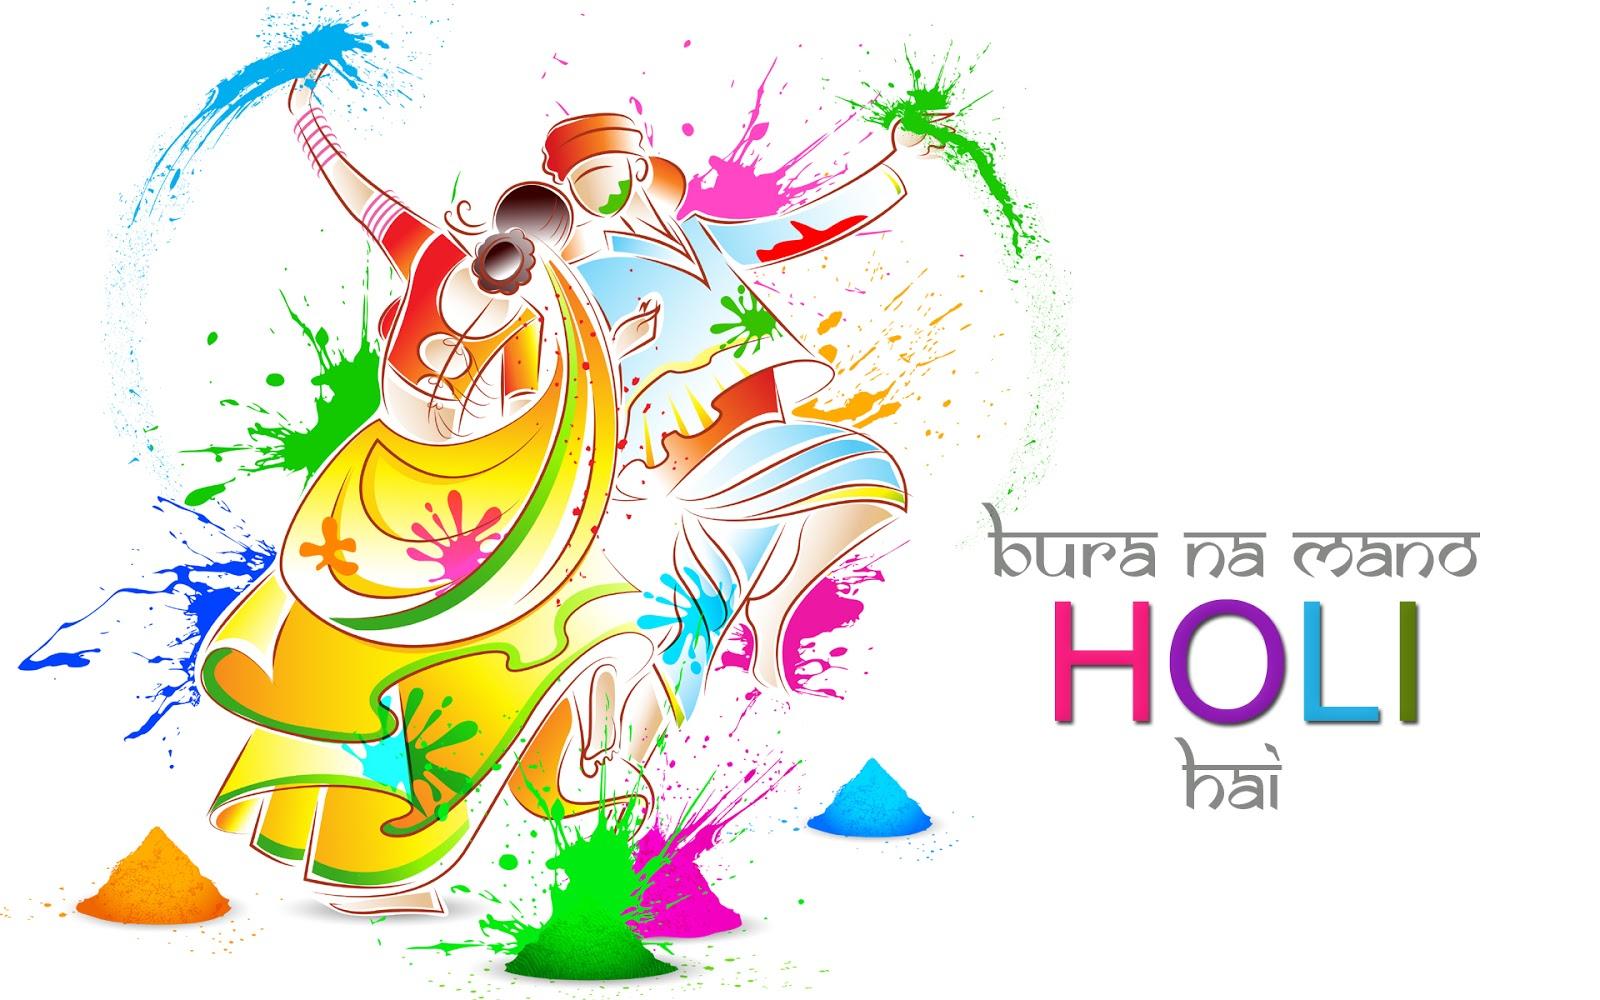 Happy holi radha krishna images - Happy Holi Radha Krishna Wallpaper 2017